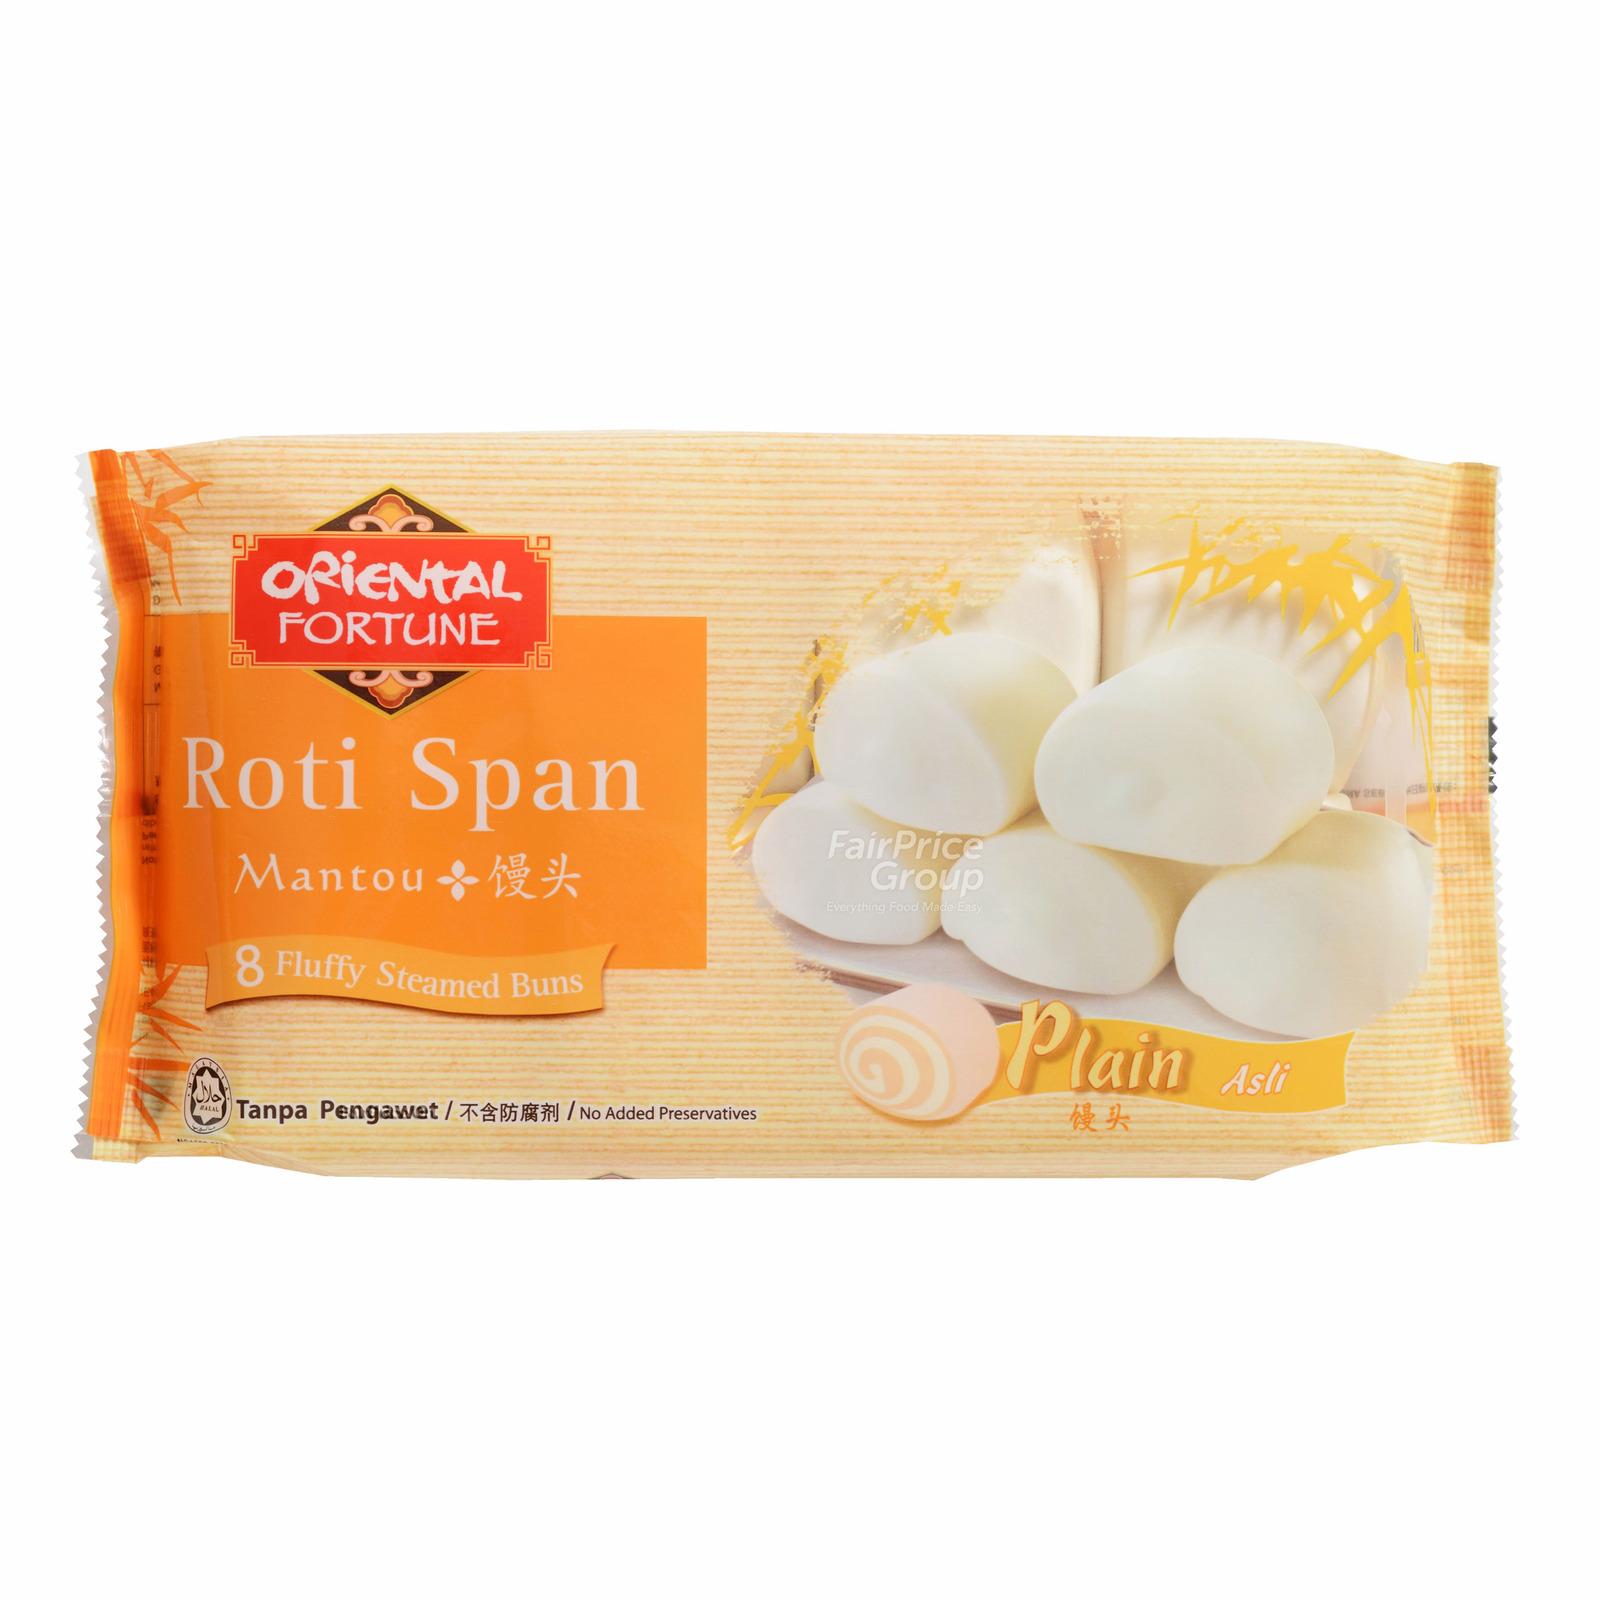 Oriental Fortune Frozen Mantou - Plain